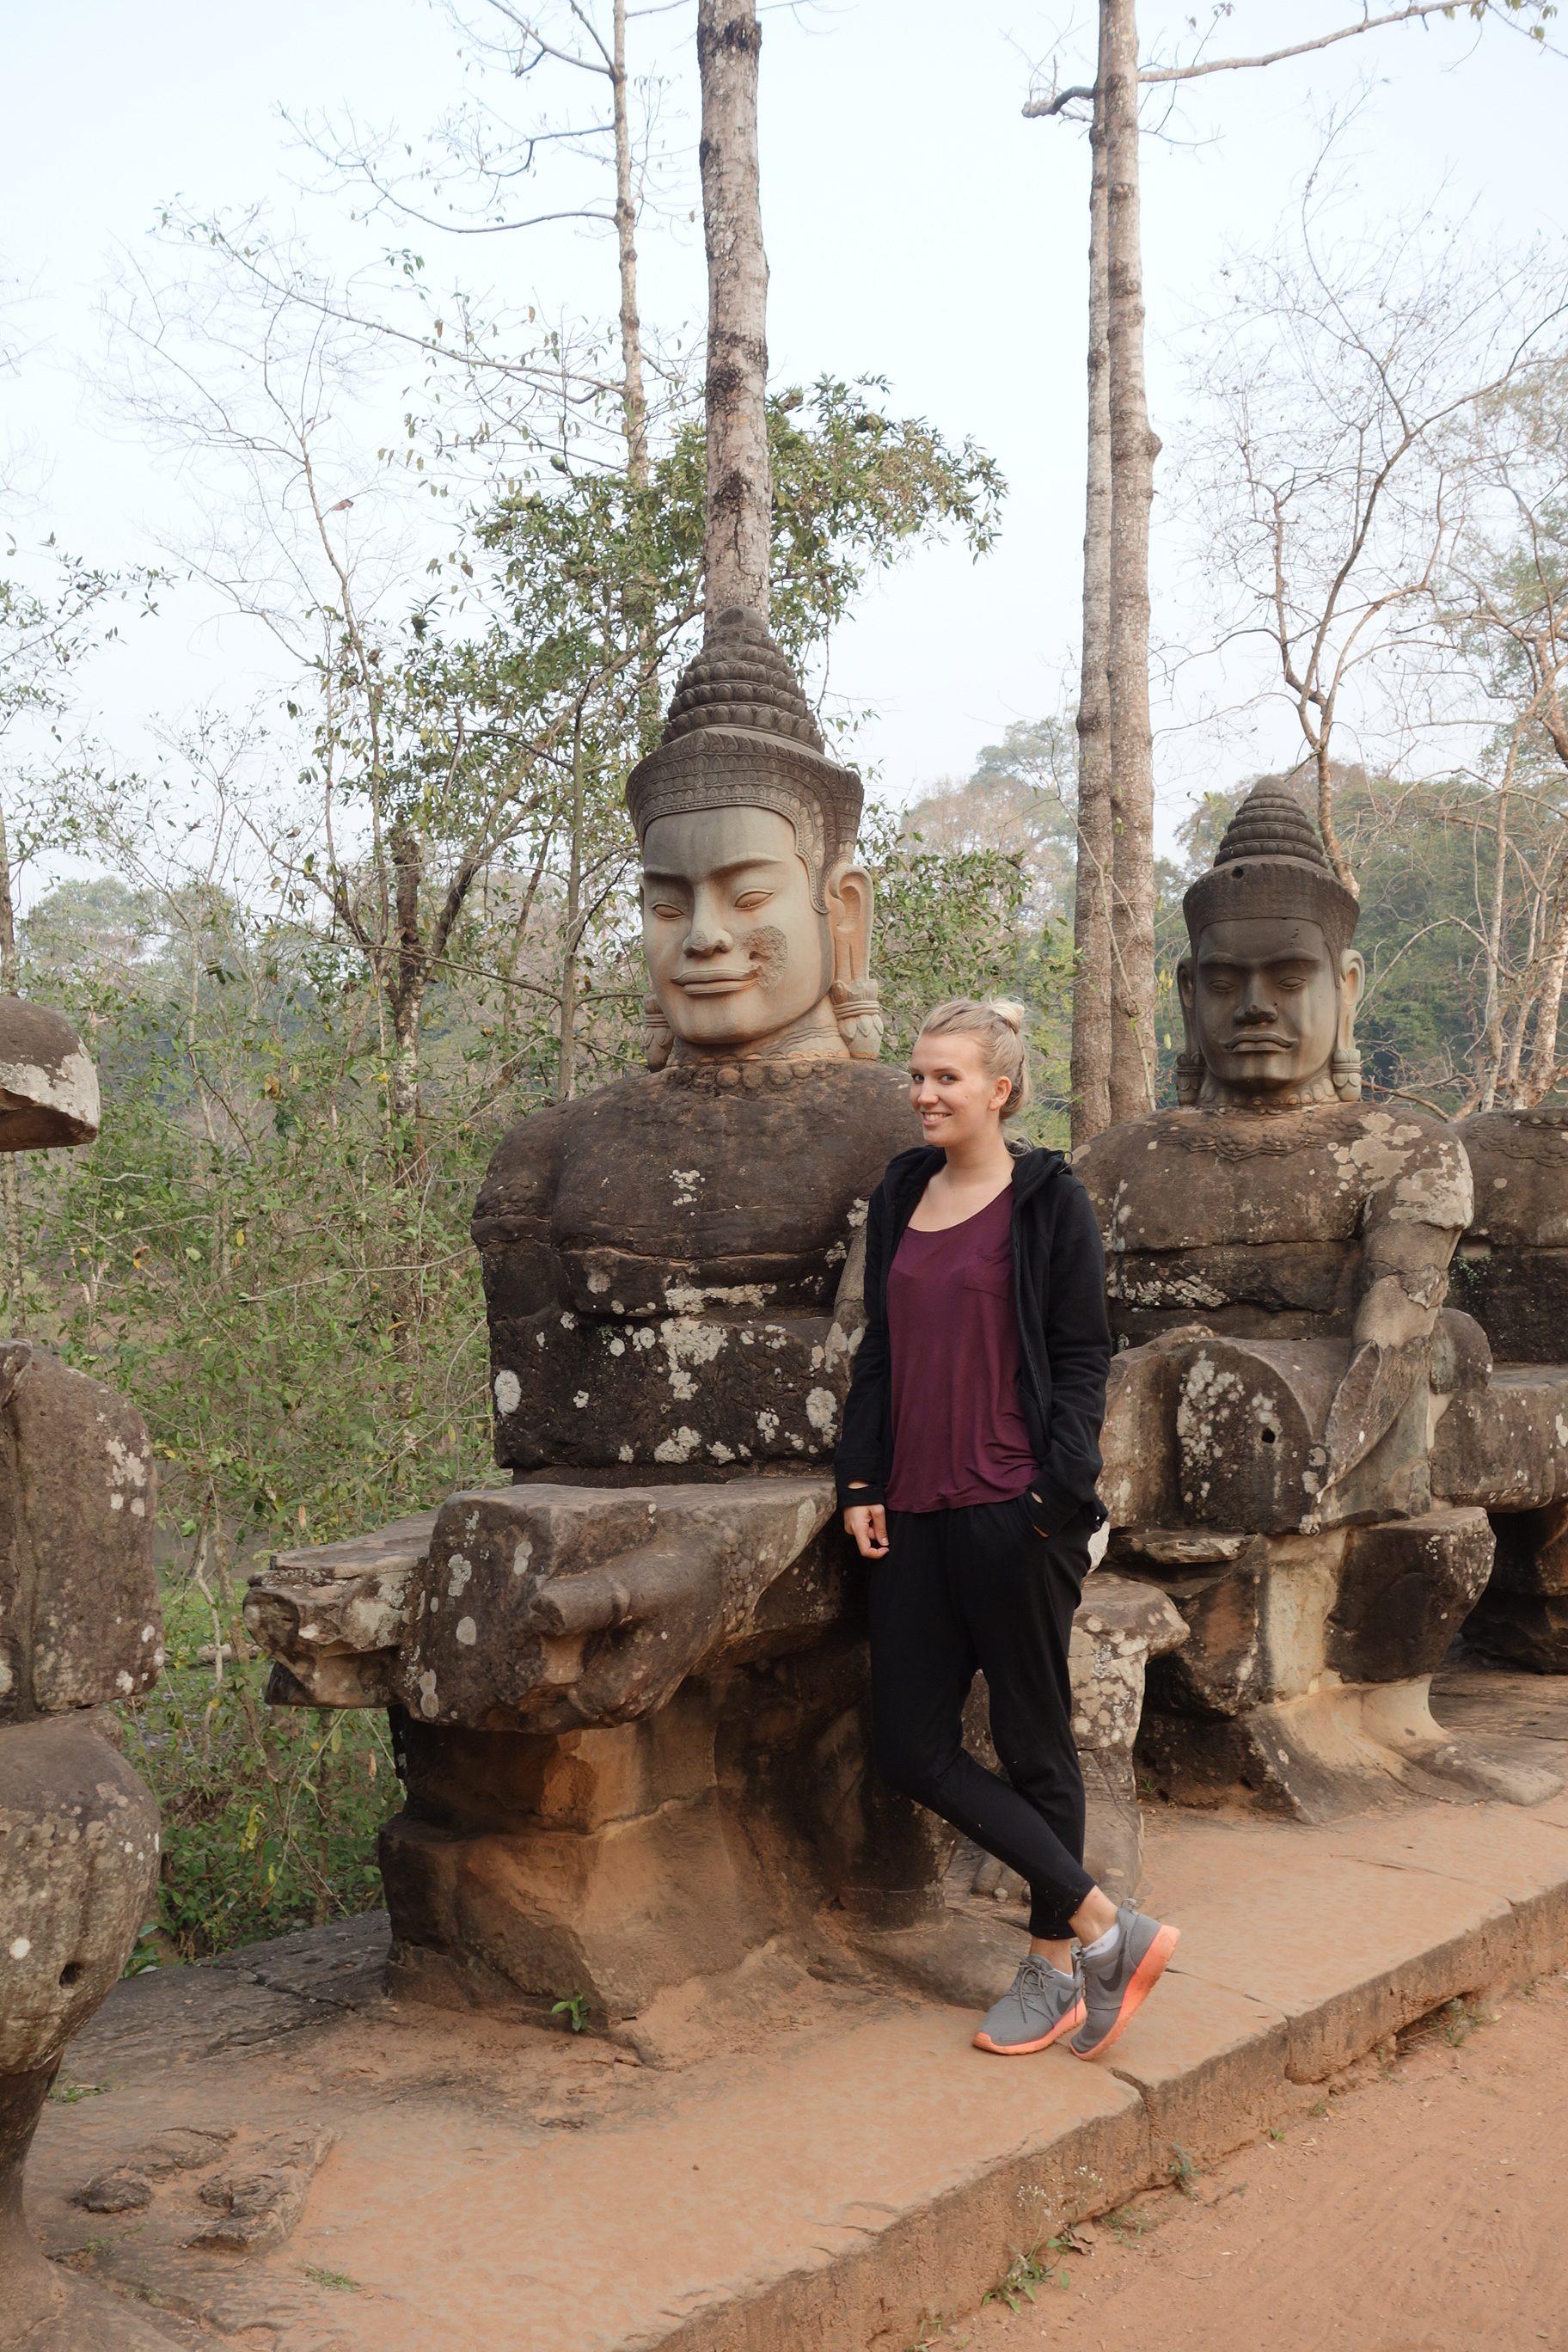 Sculptures Ankor Wat